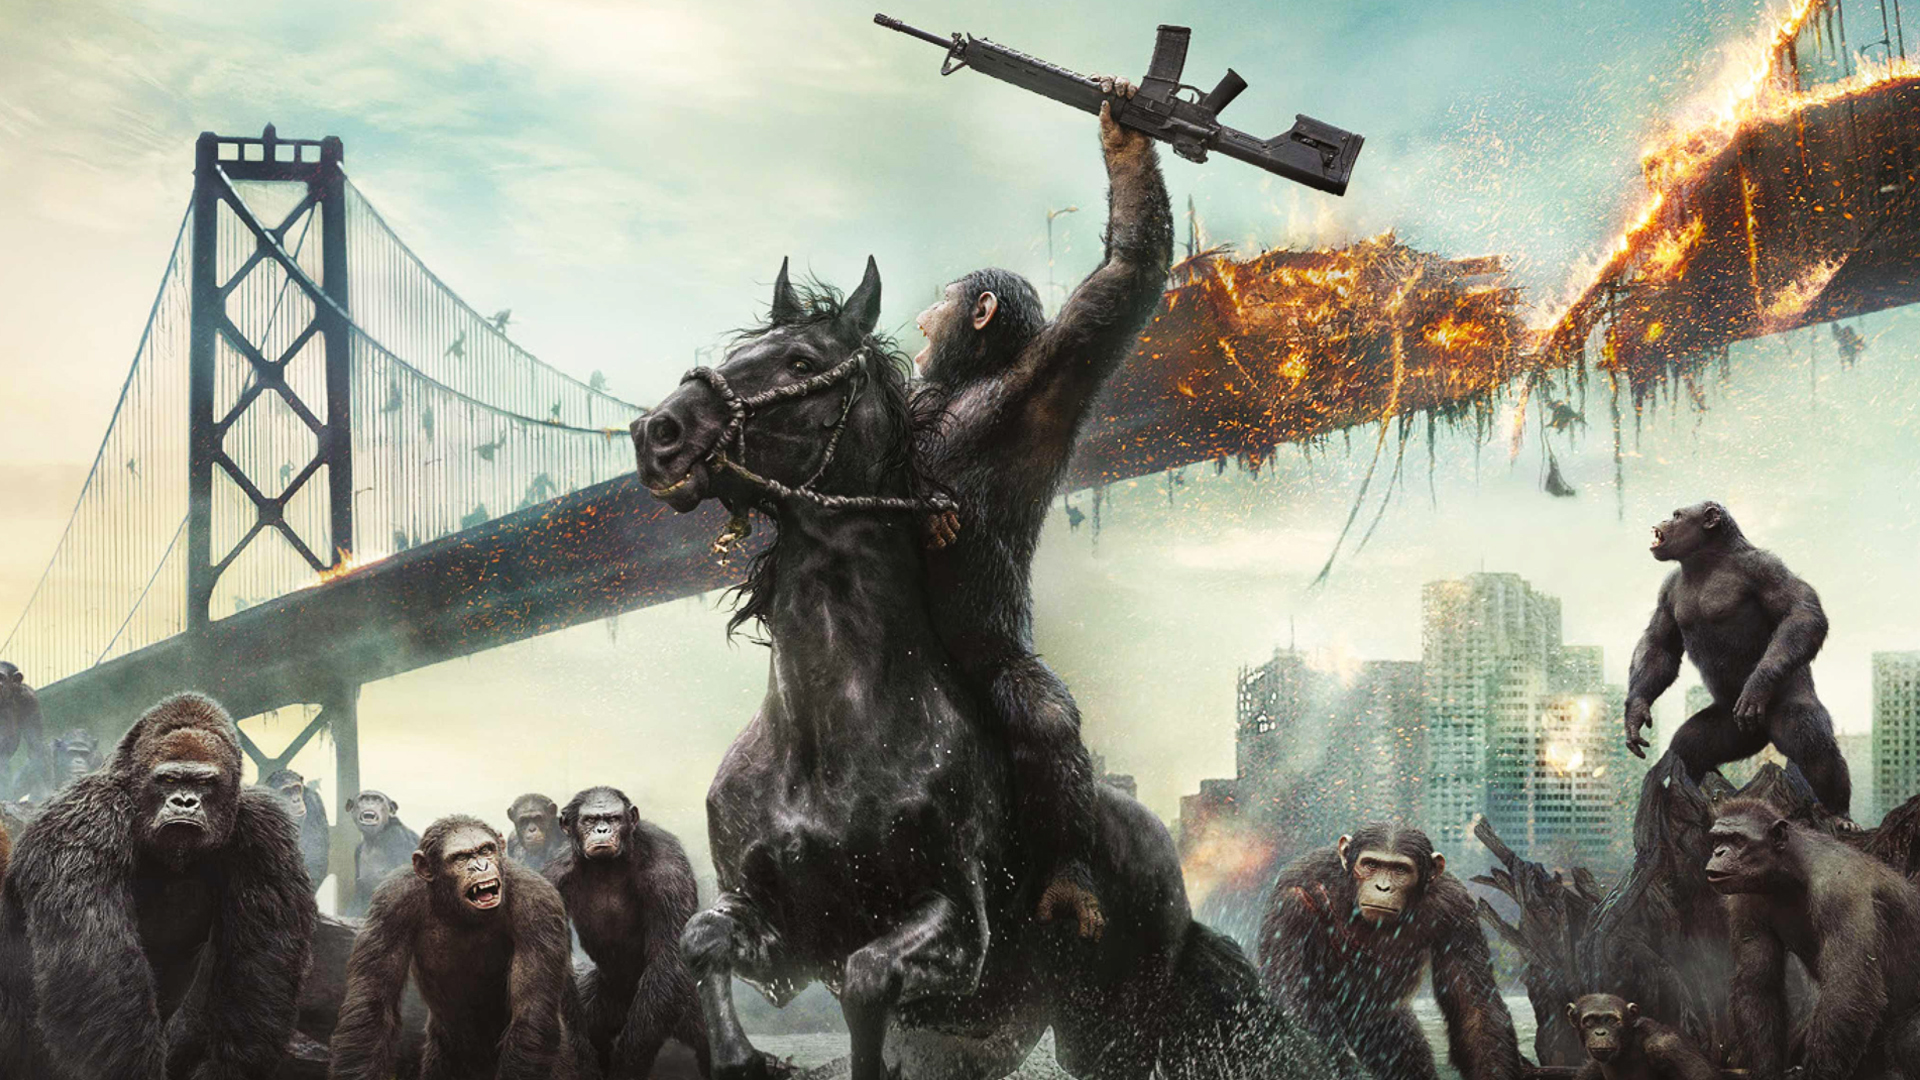 Planet der Affen Revolution (2014) Filmkritik